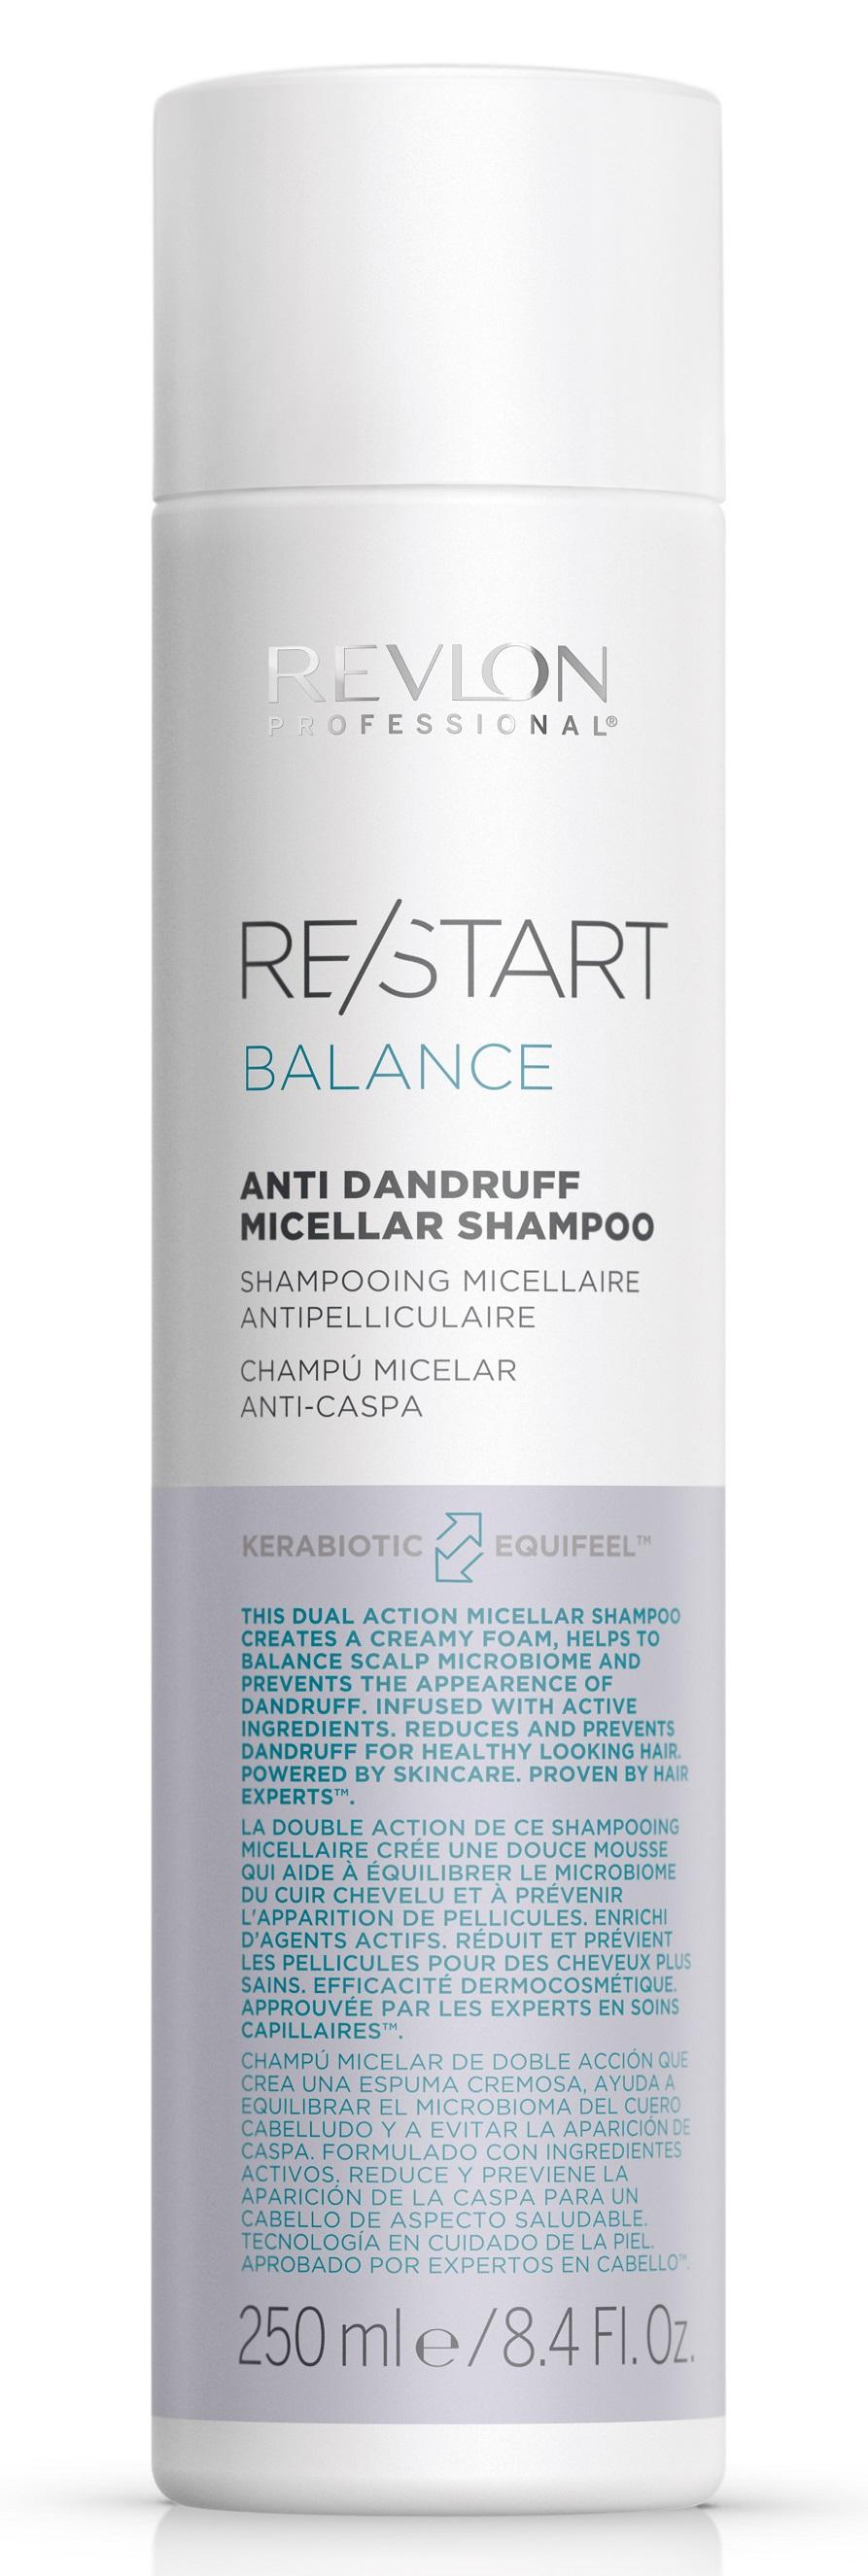 Купить REVLON PROFESSIONAL Шампунь мицеллярный для кожи головы против перхоти и шелушений / RESTART BALANCE ANTI DANDRUFF MICELLAR SHAMPOO 250 мл